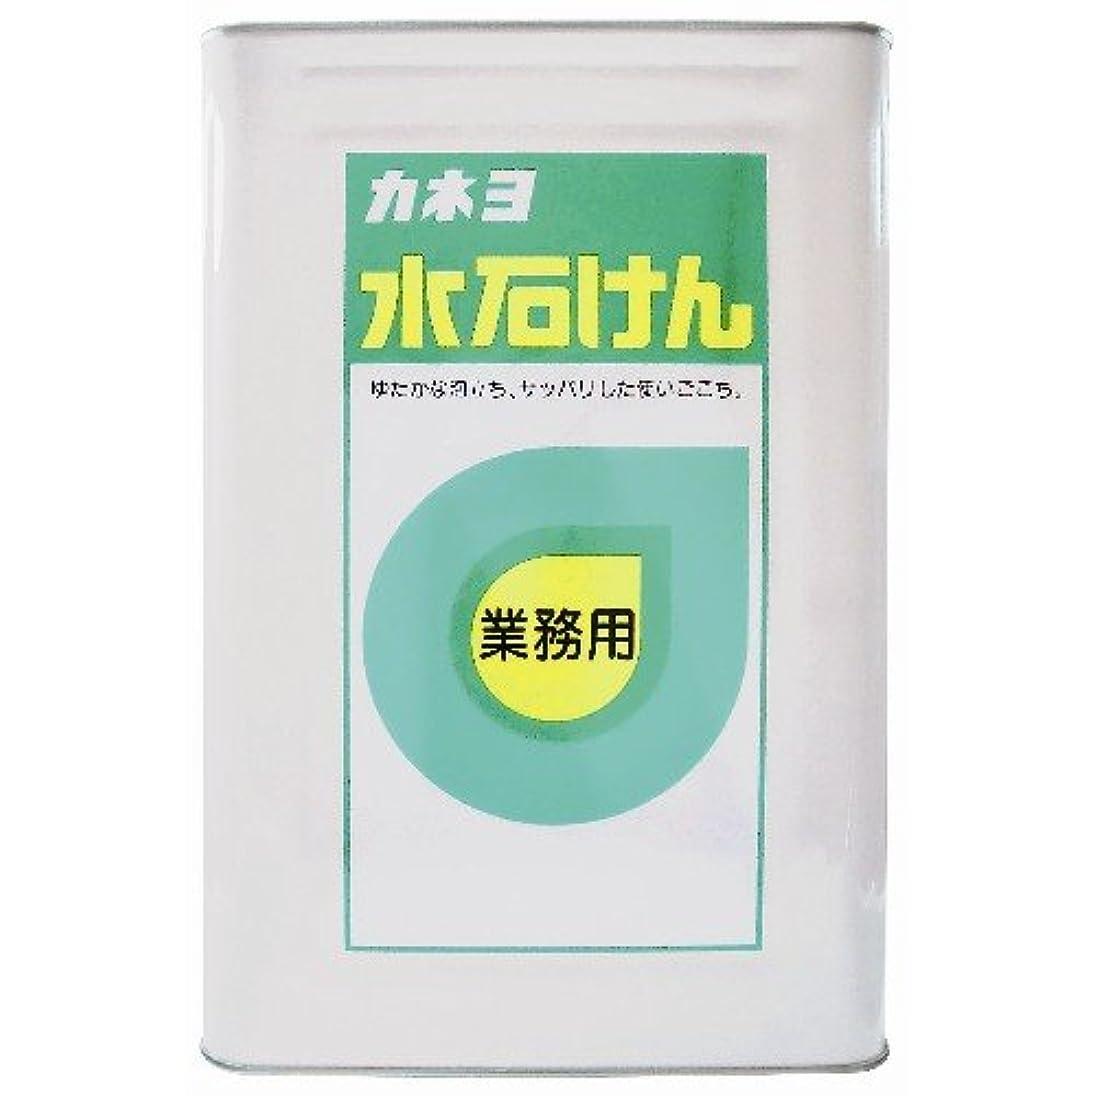 最もロッカーリゾート【大容量】 カネヨ石鹸 ハンドソープ 水石けん 液体 業務用 18L 一斗缶